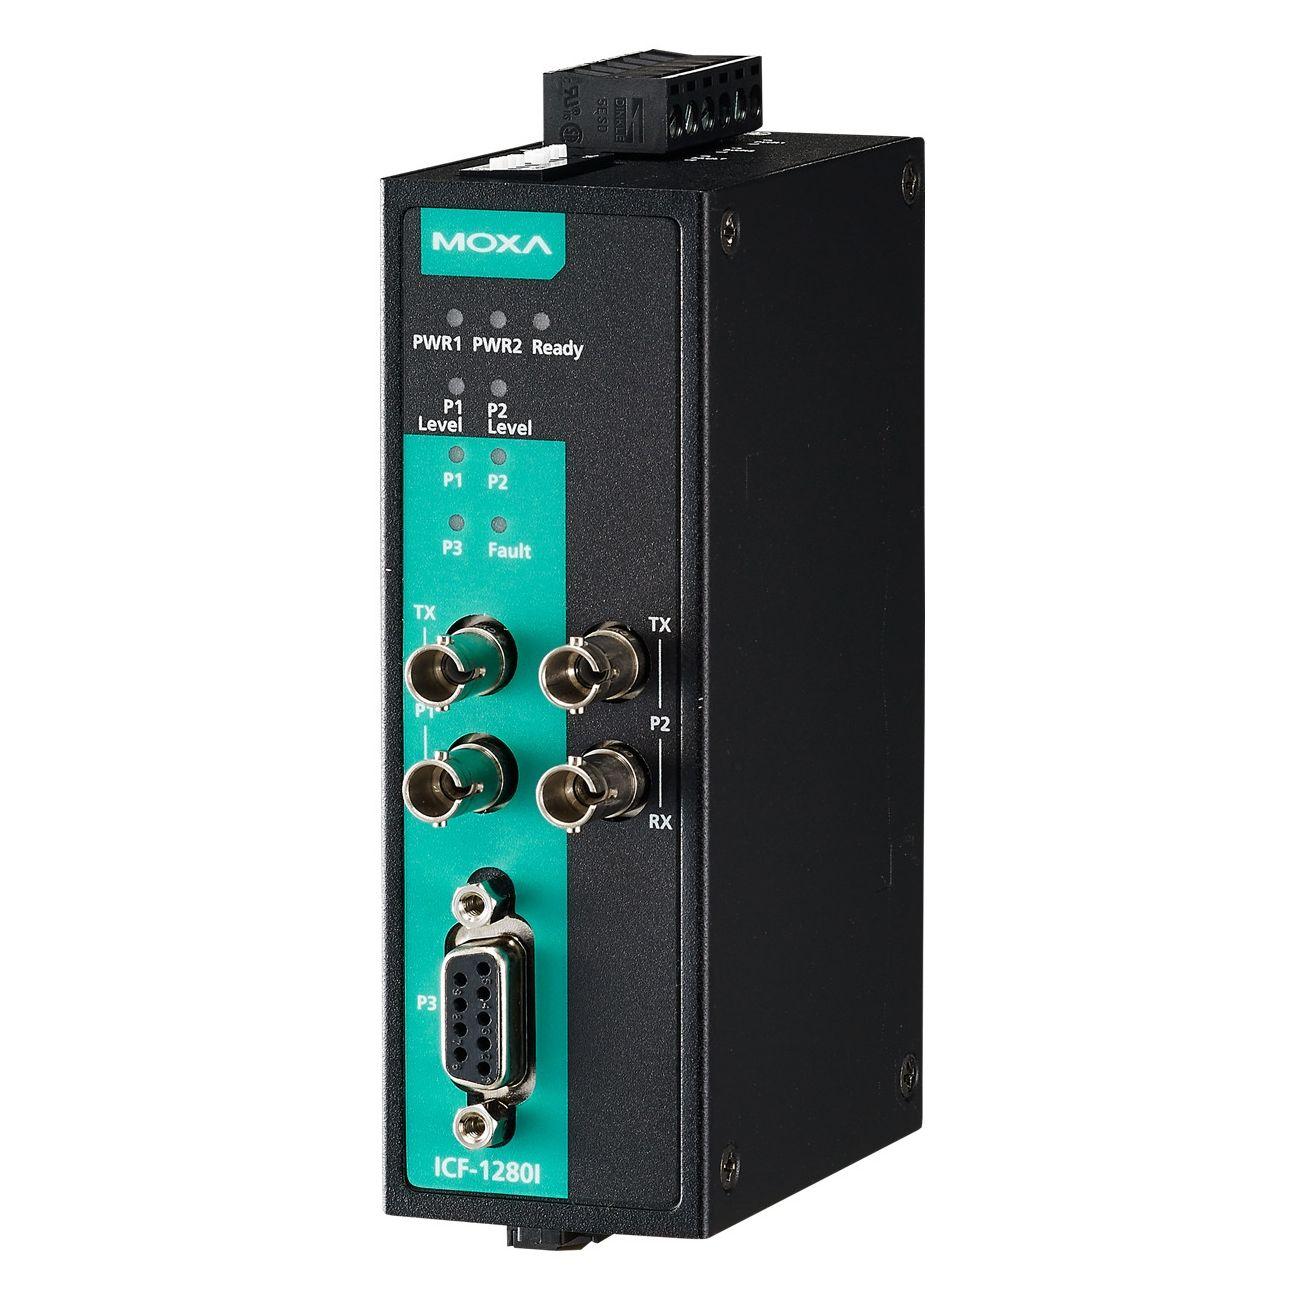 ICF-1280I-S-ST-T